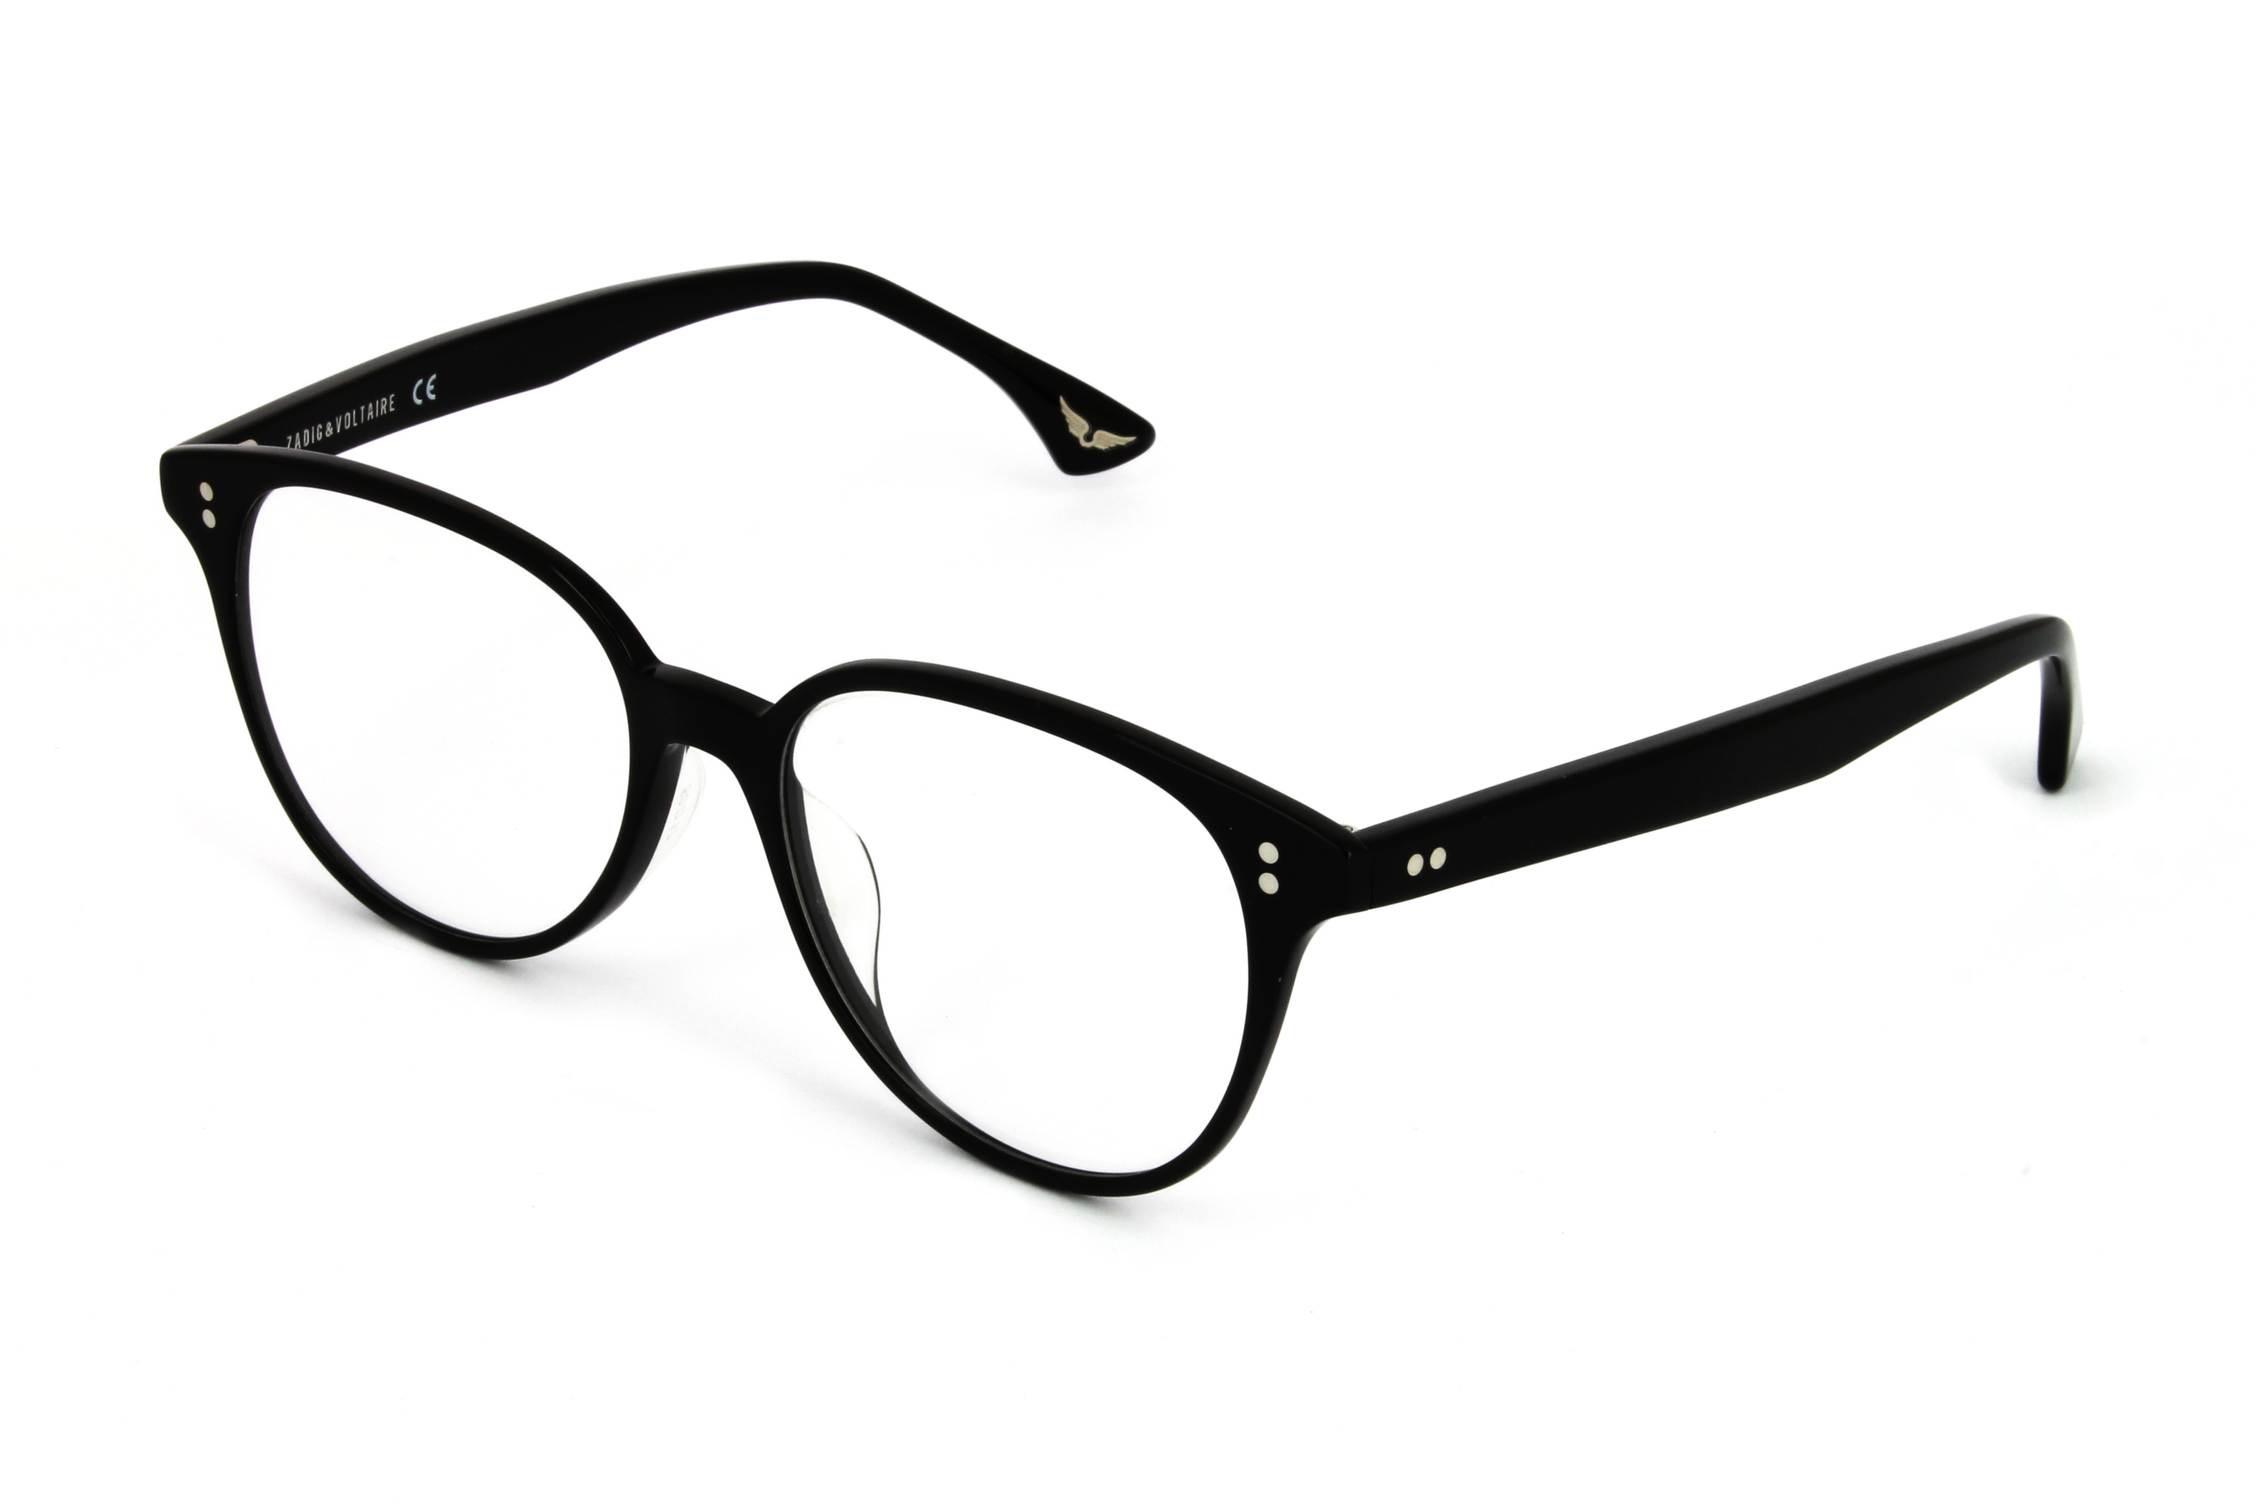 Lunette de vue : ce que j'aime avec les lunettes